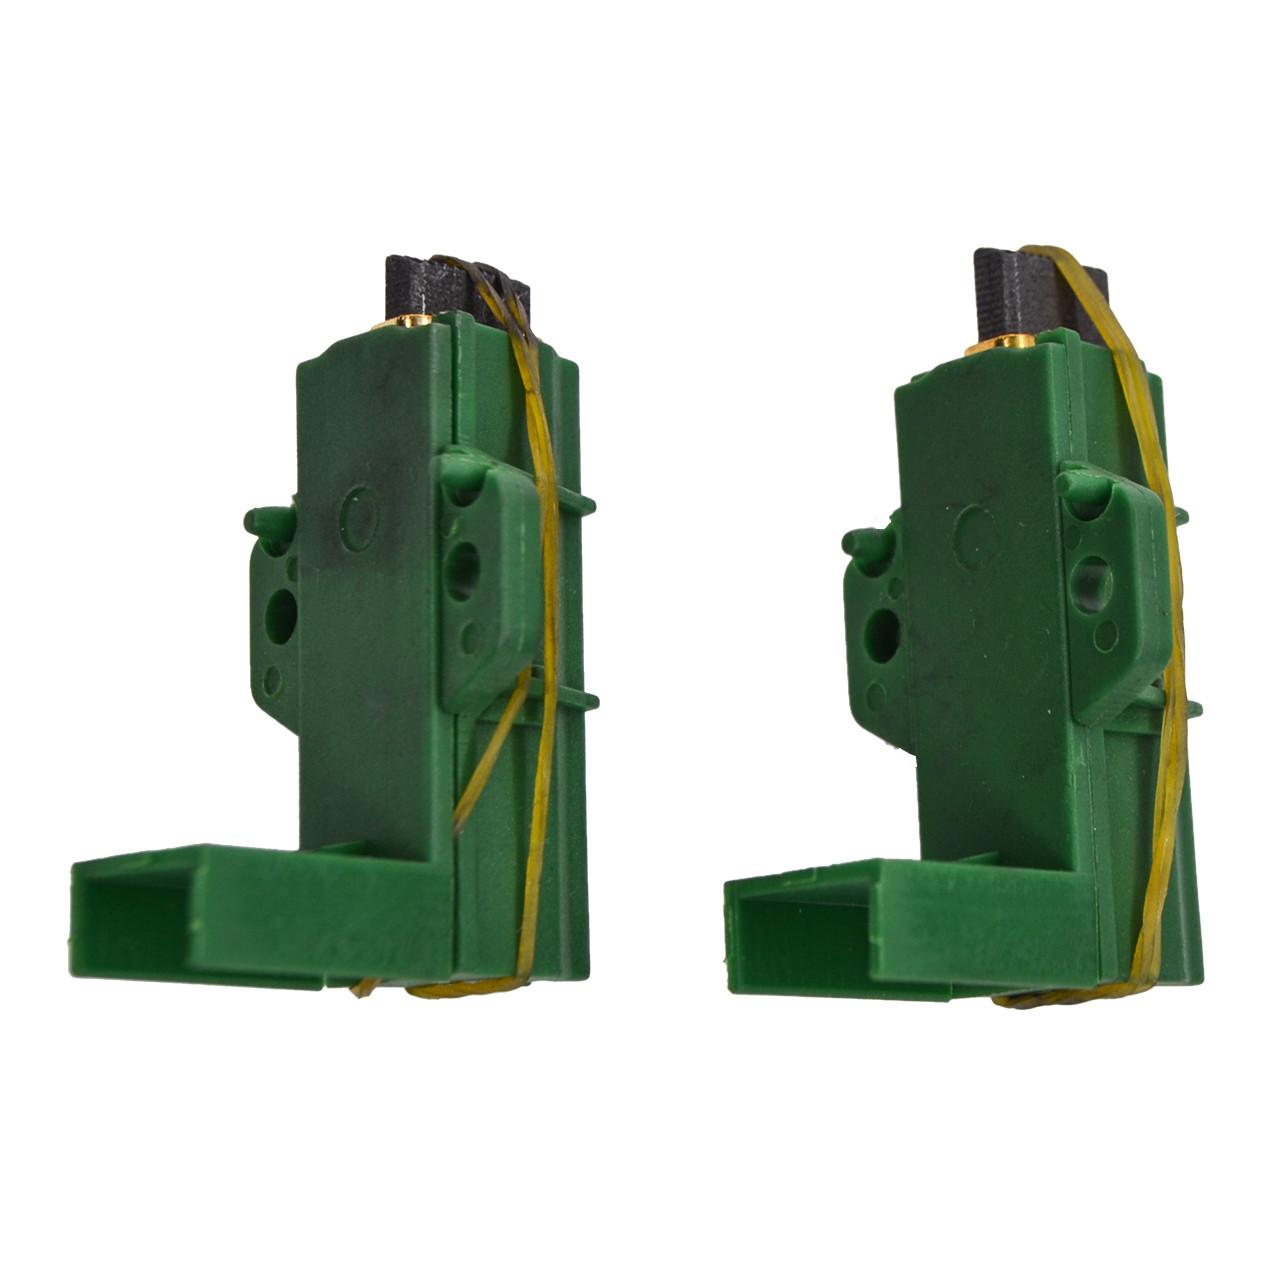 Щетки угольные 2 шт в корпусе 5x12.5x36 mm Beko (371202405, 371202407)